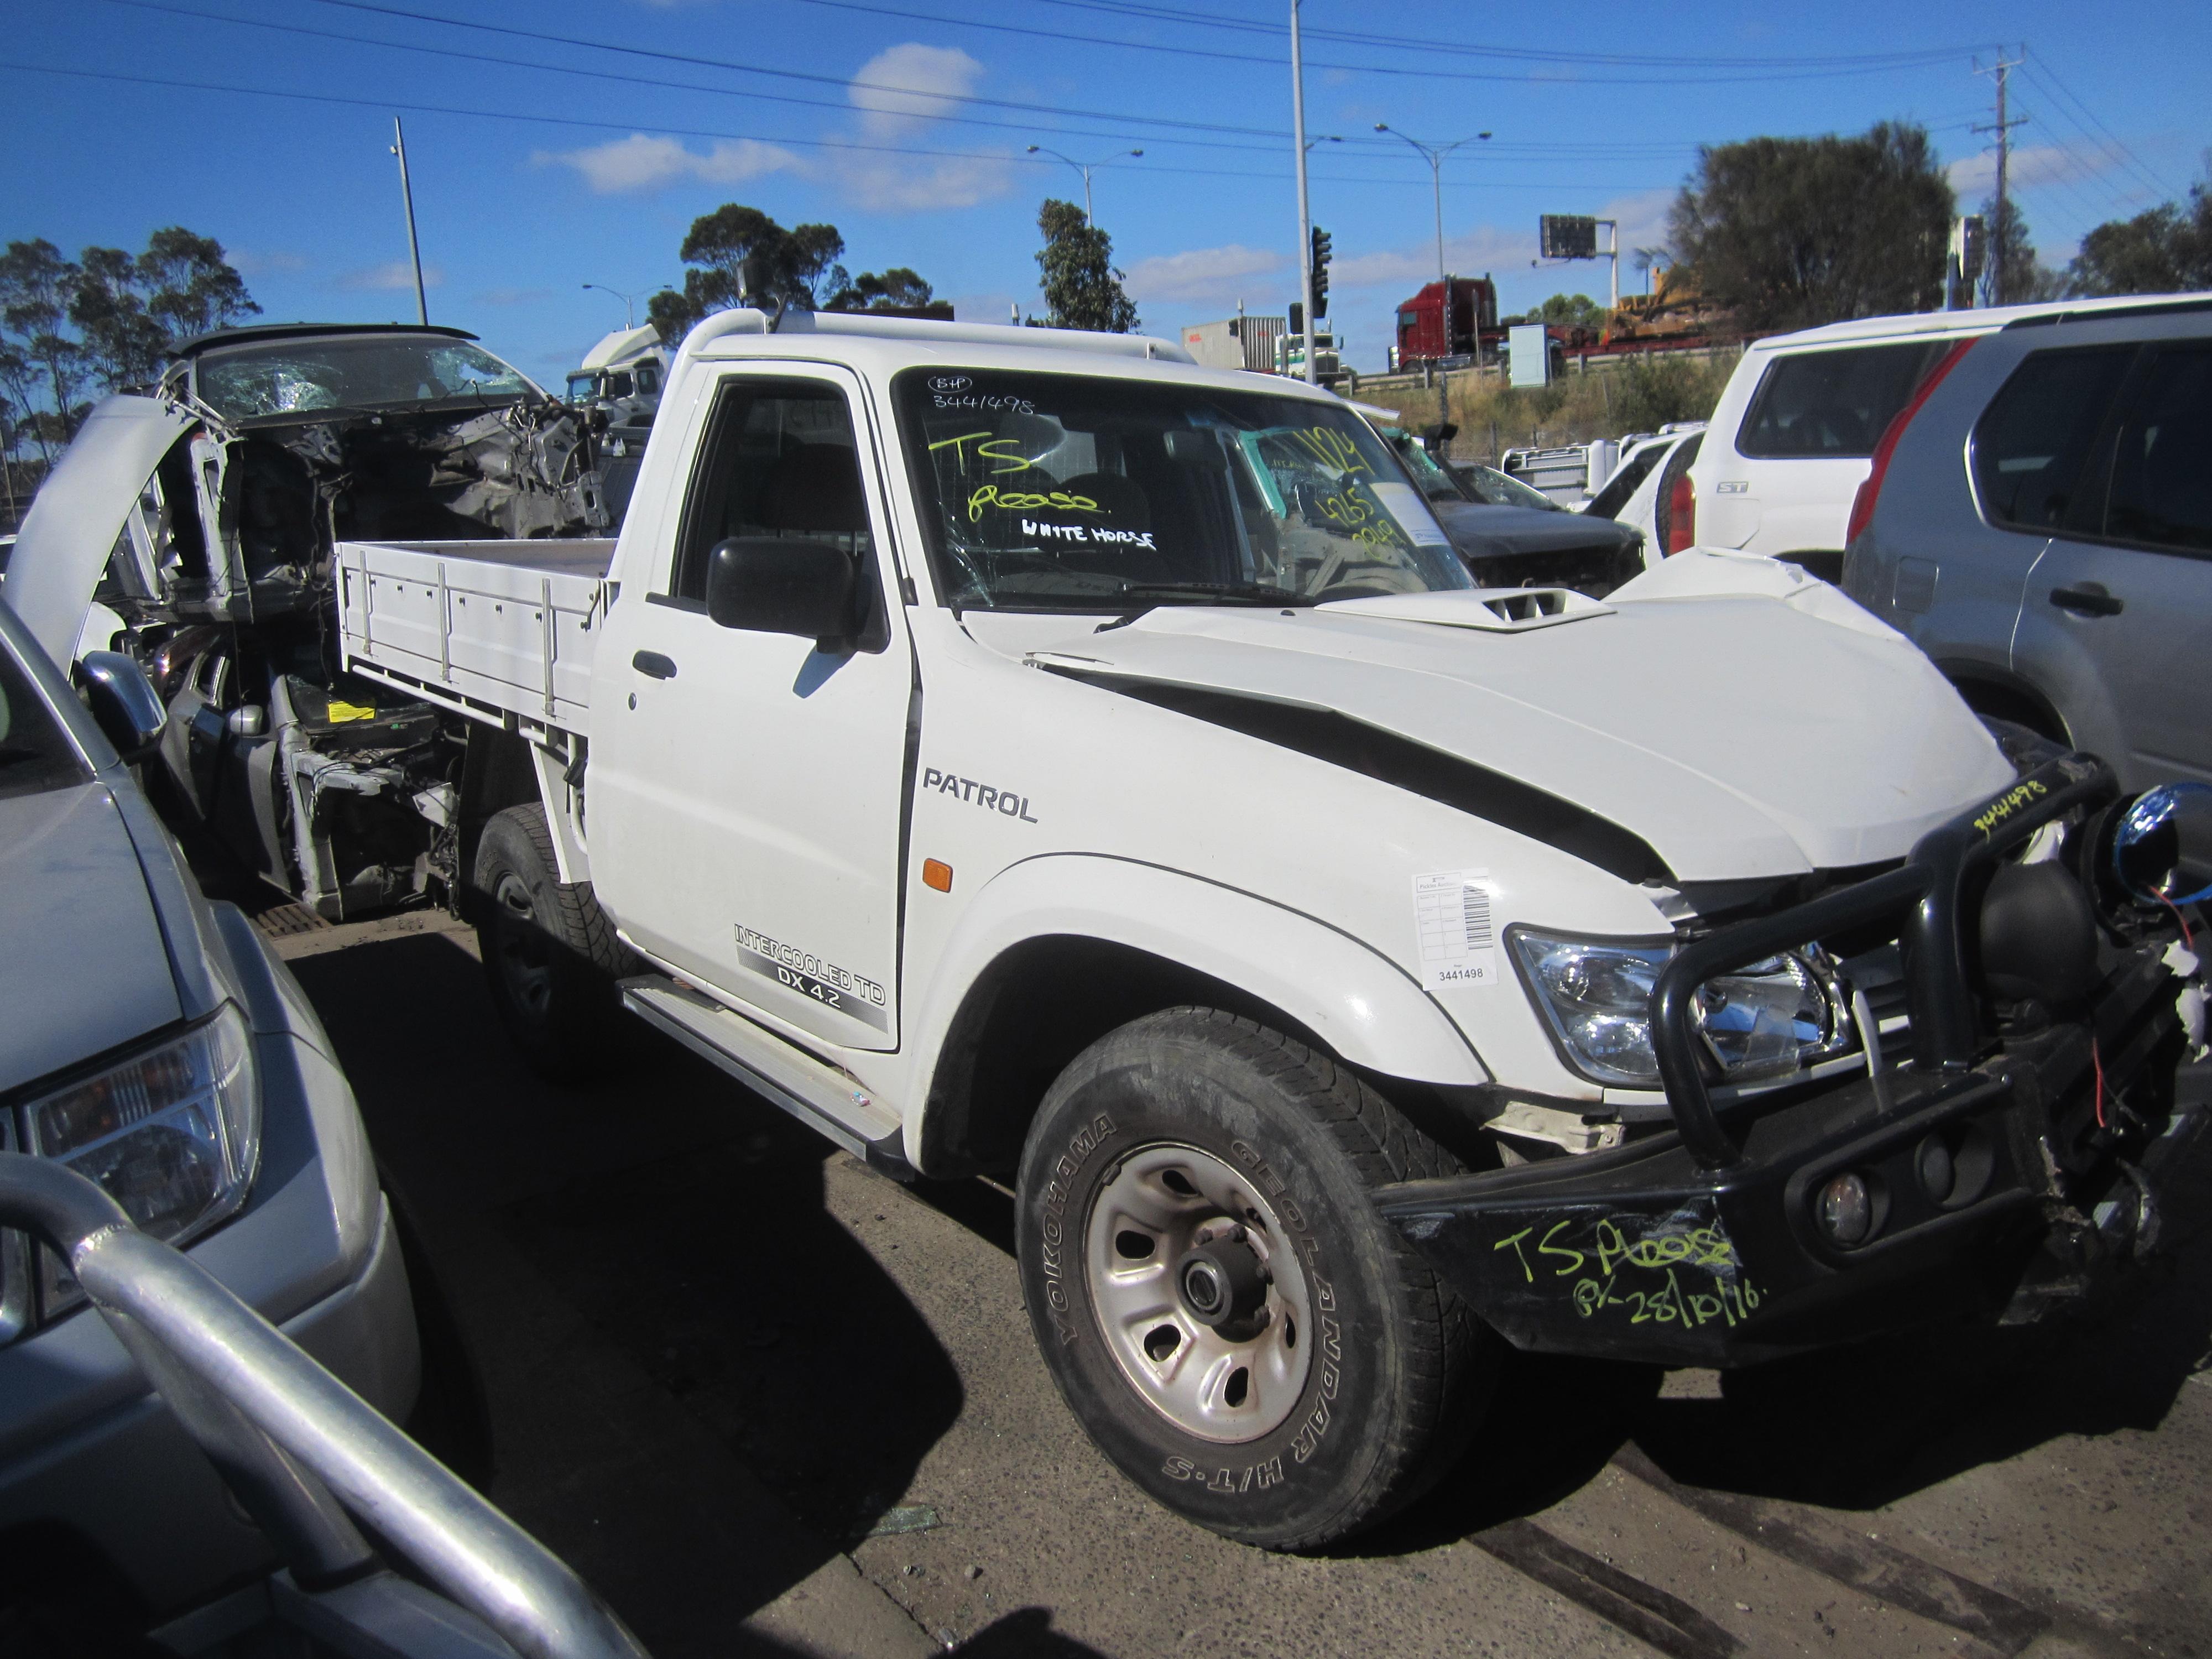 nissan patrol y61 ute 4 2 turbo diesel wrecking. Black Bedroom Furniture Sets. Home Design Ideas